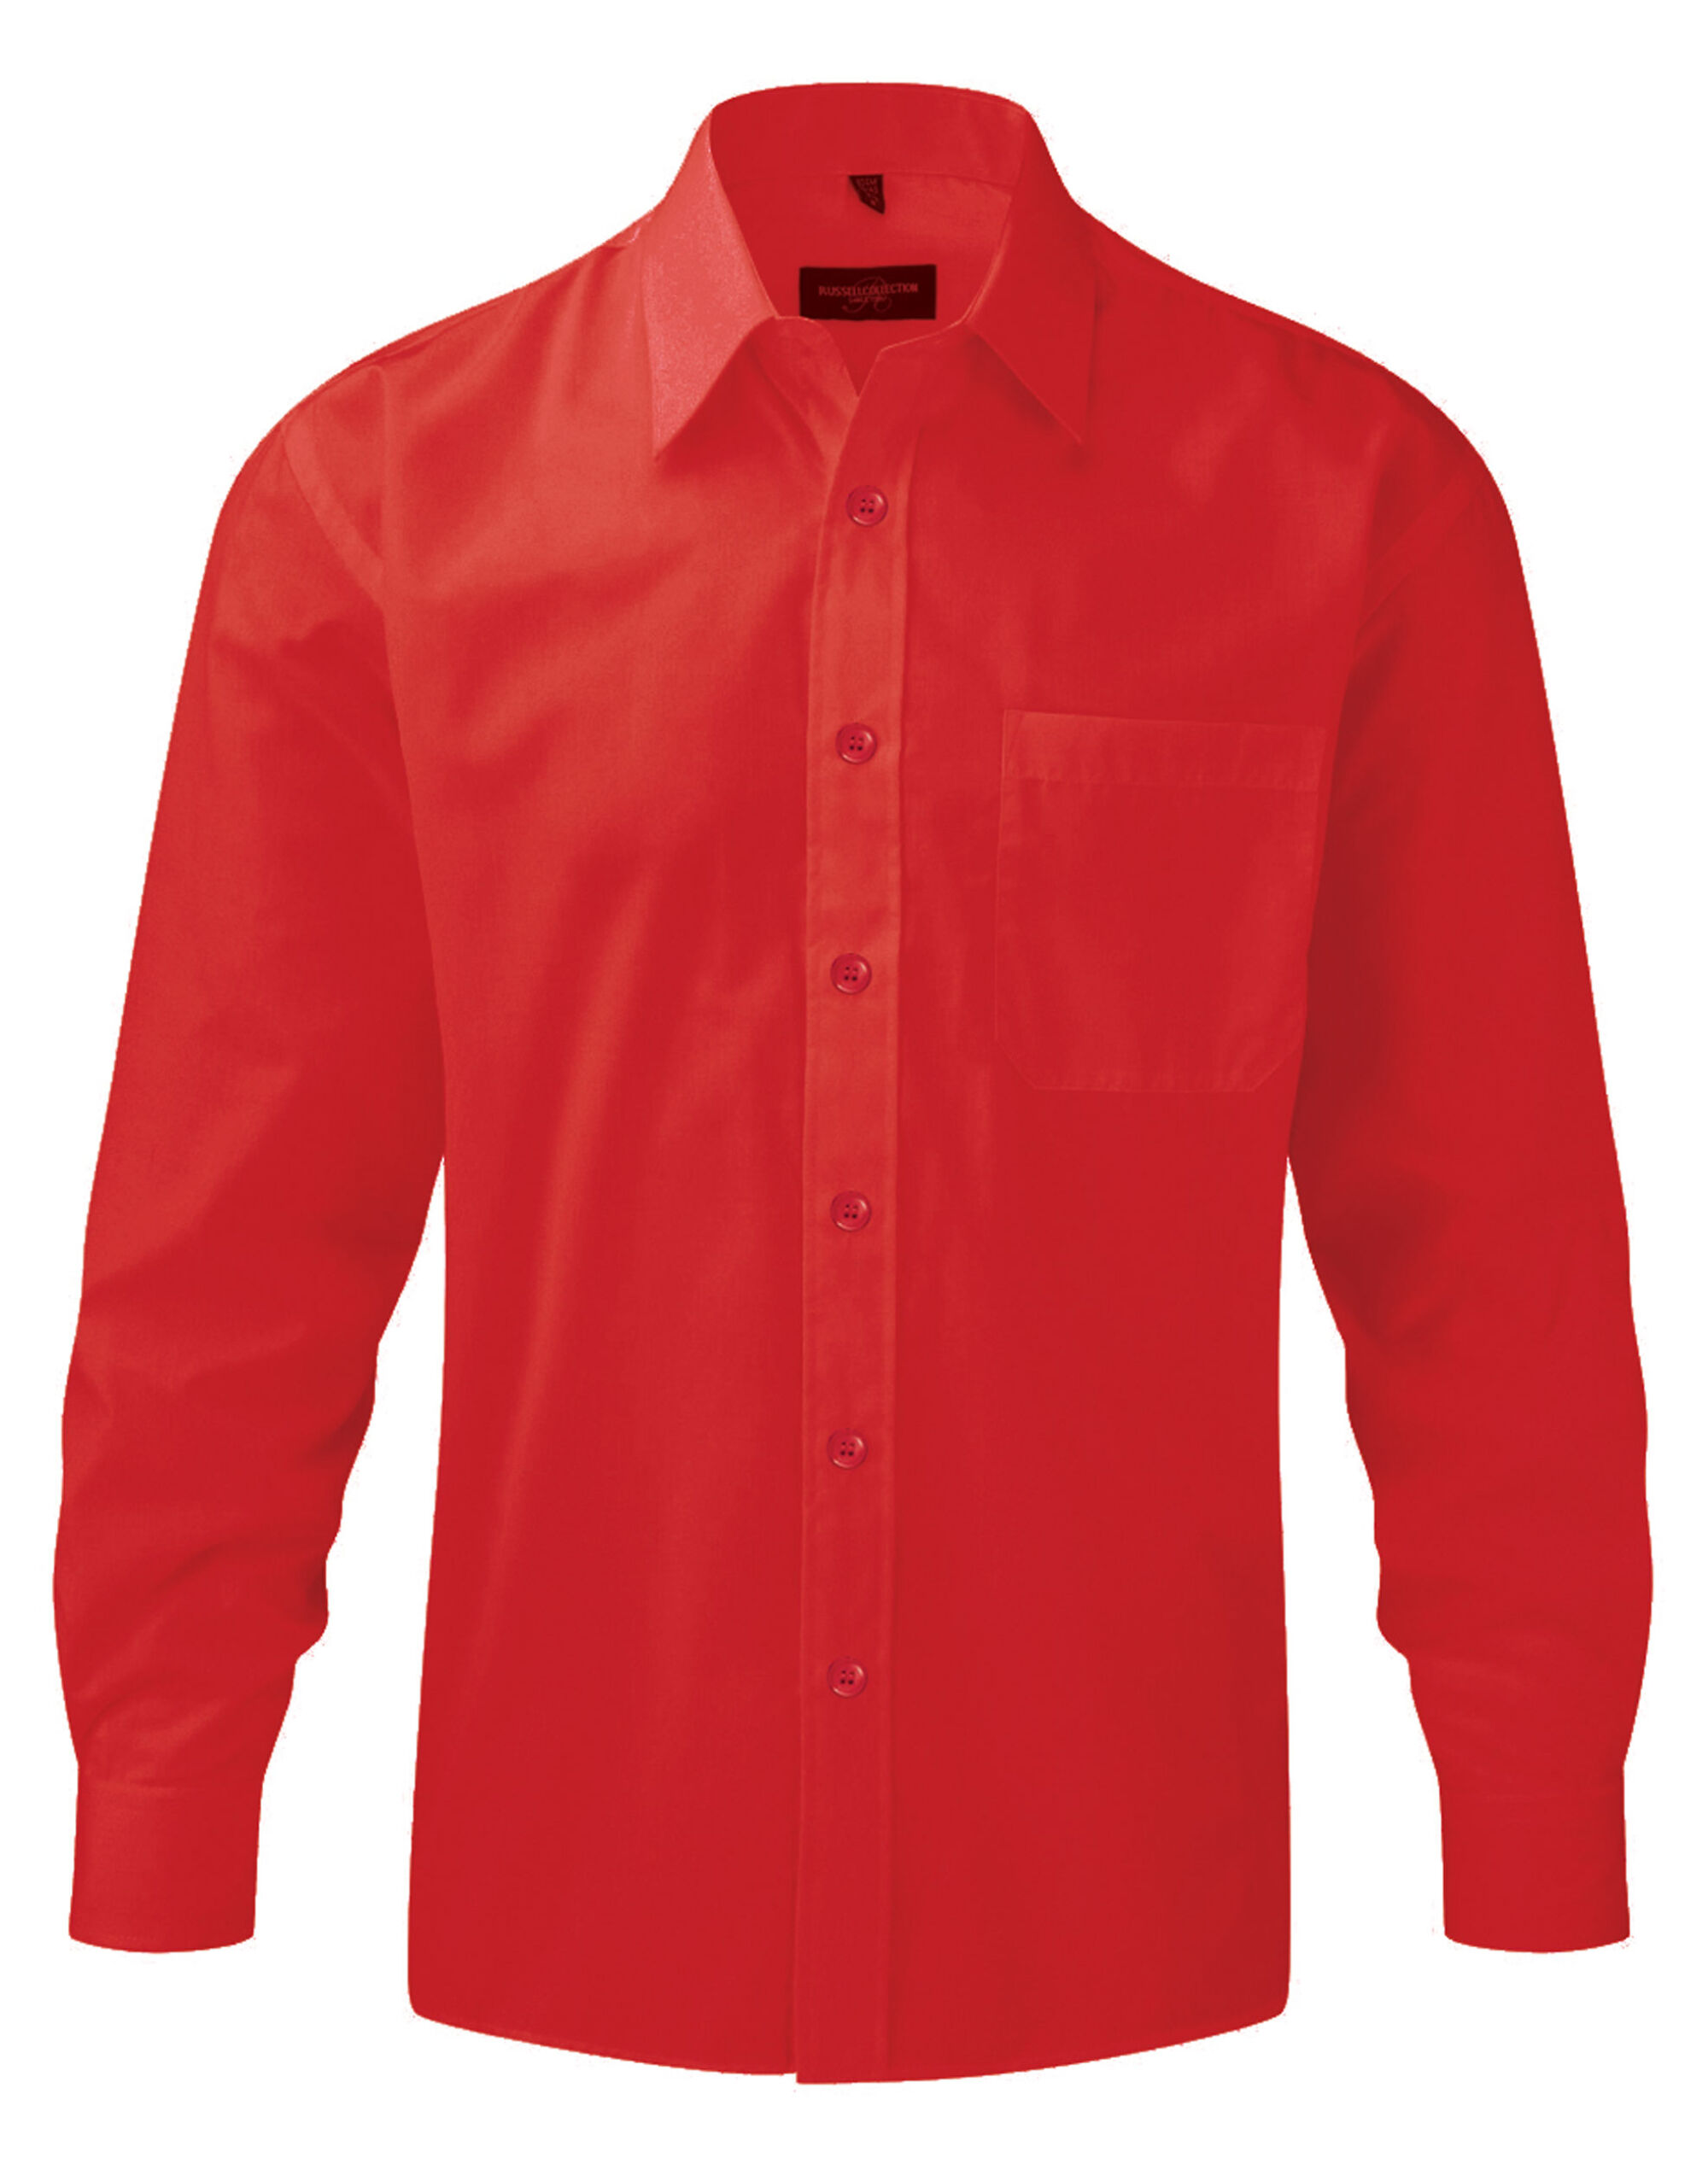 Mens L/S Poplin Shirt